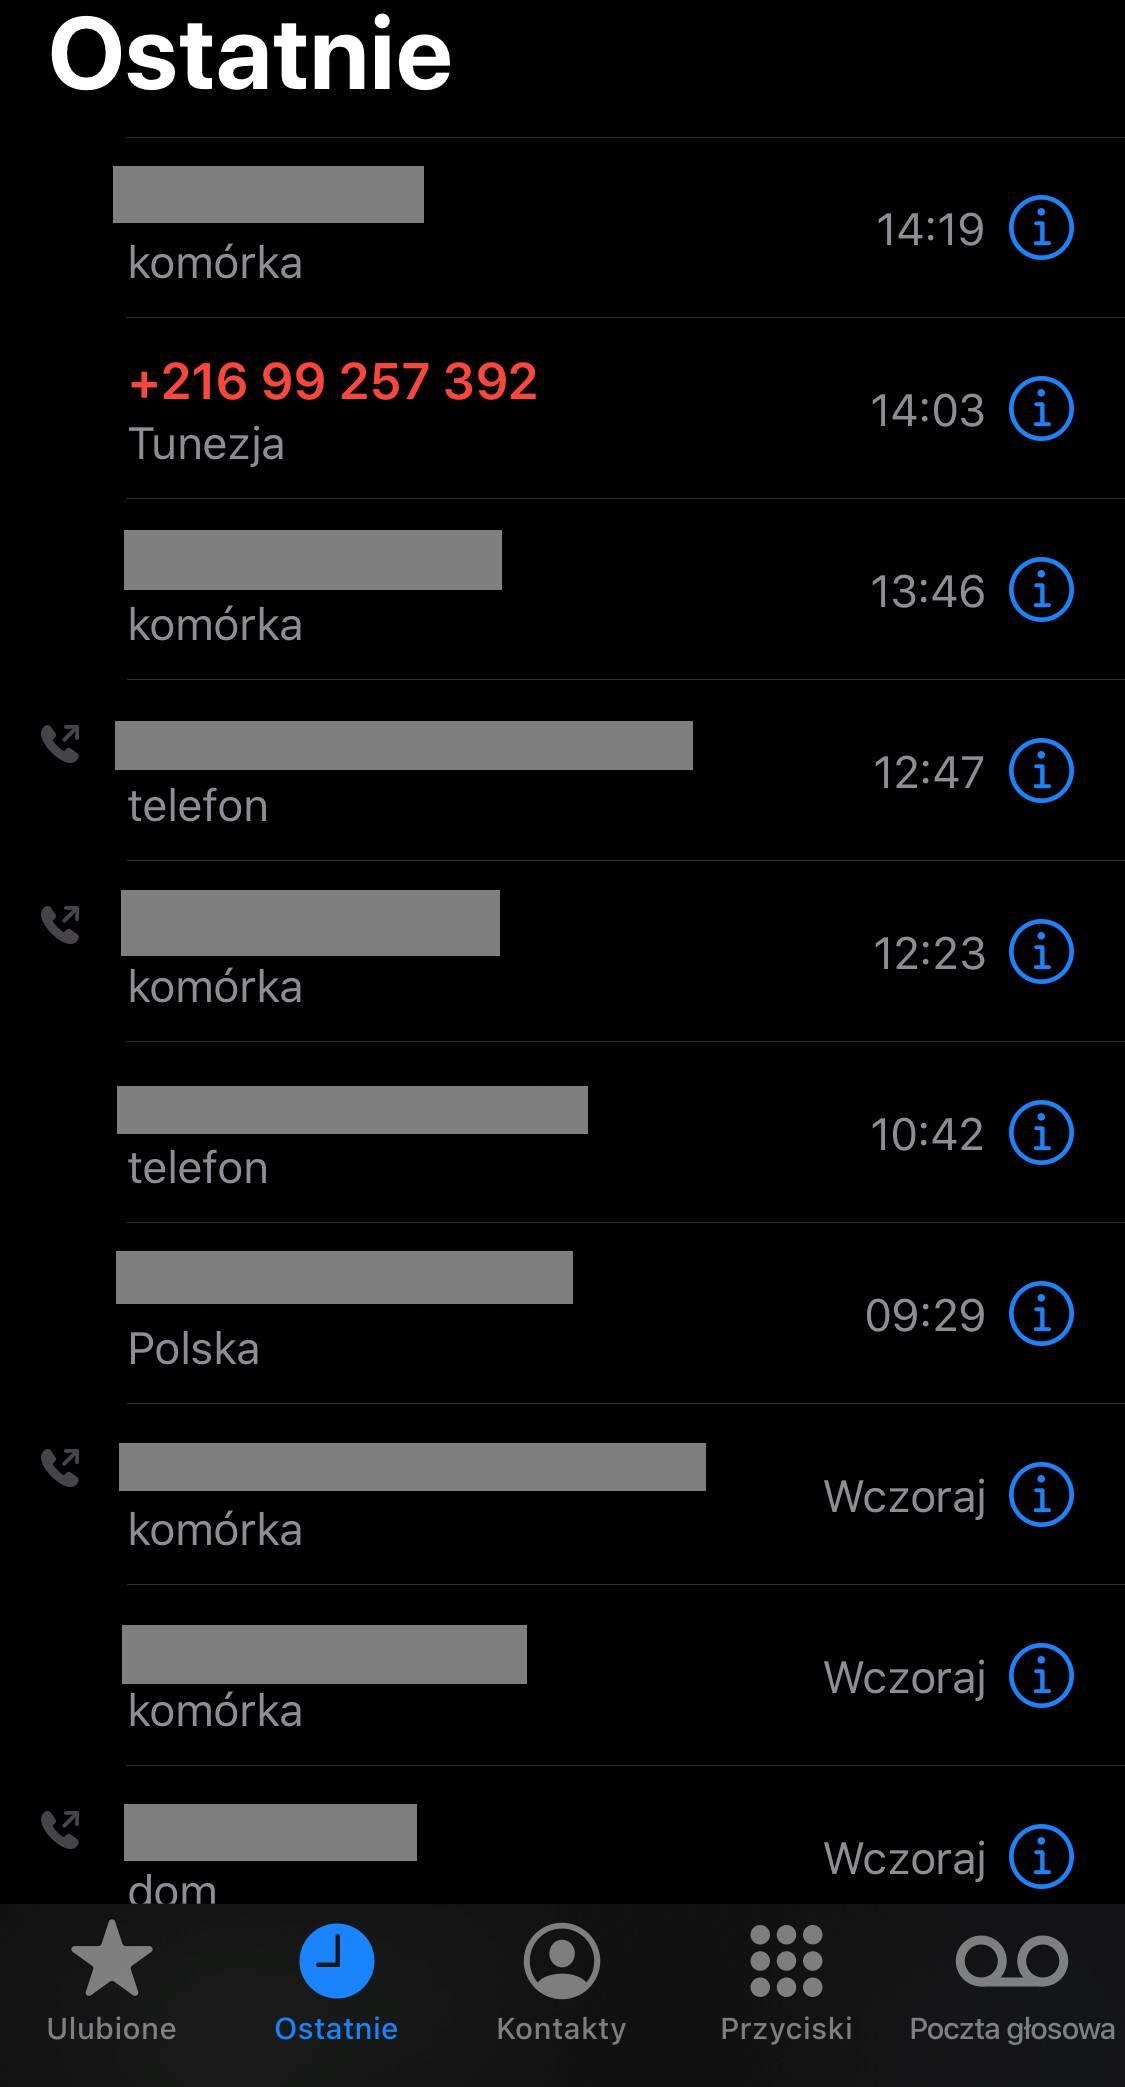 Yyyyh, czyli powraca przekrêt na telefon zza granicy